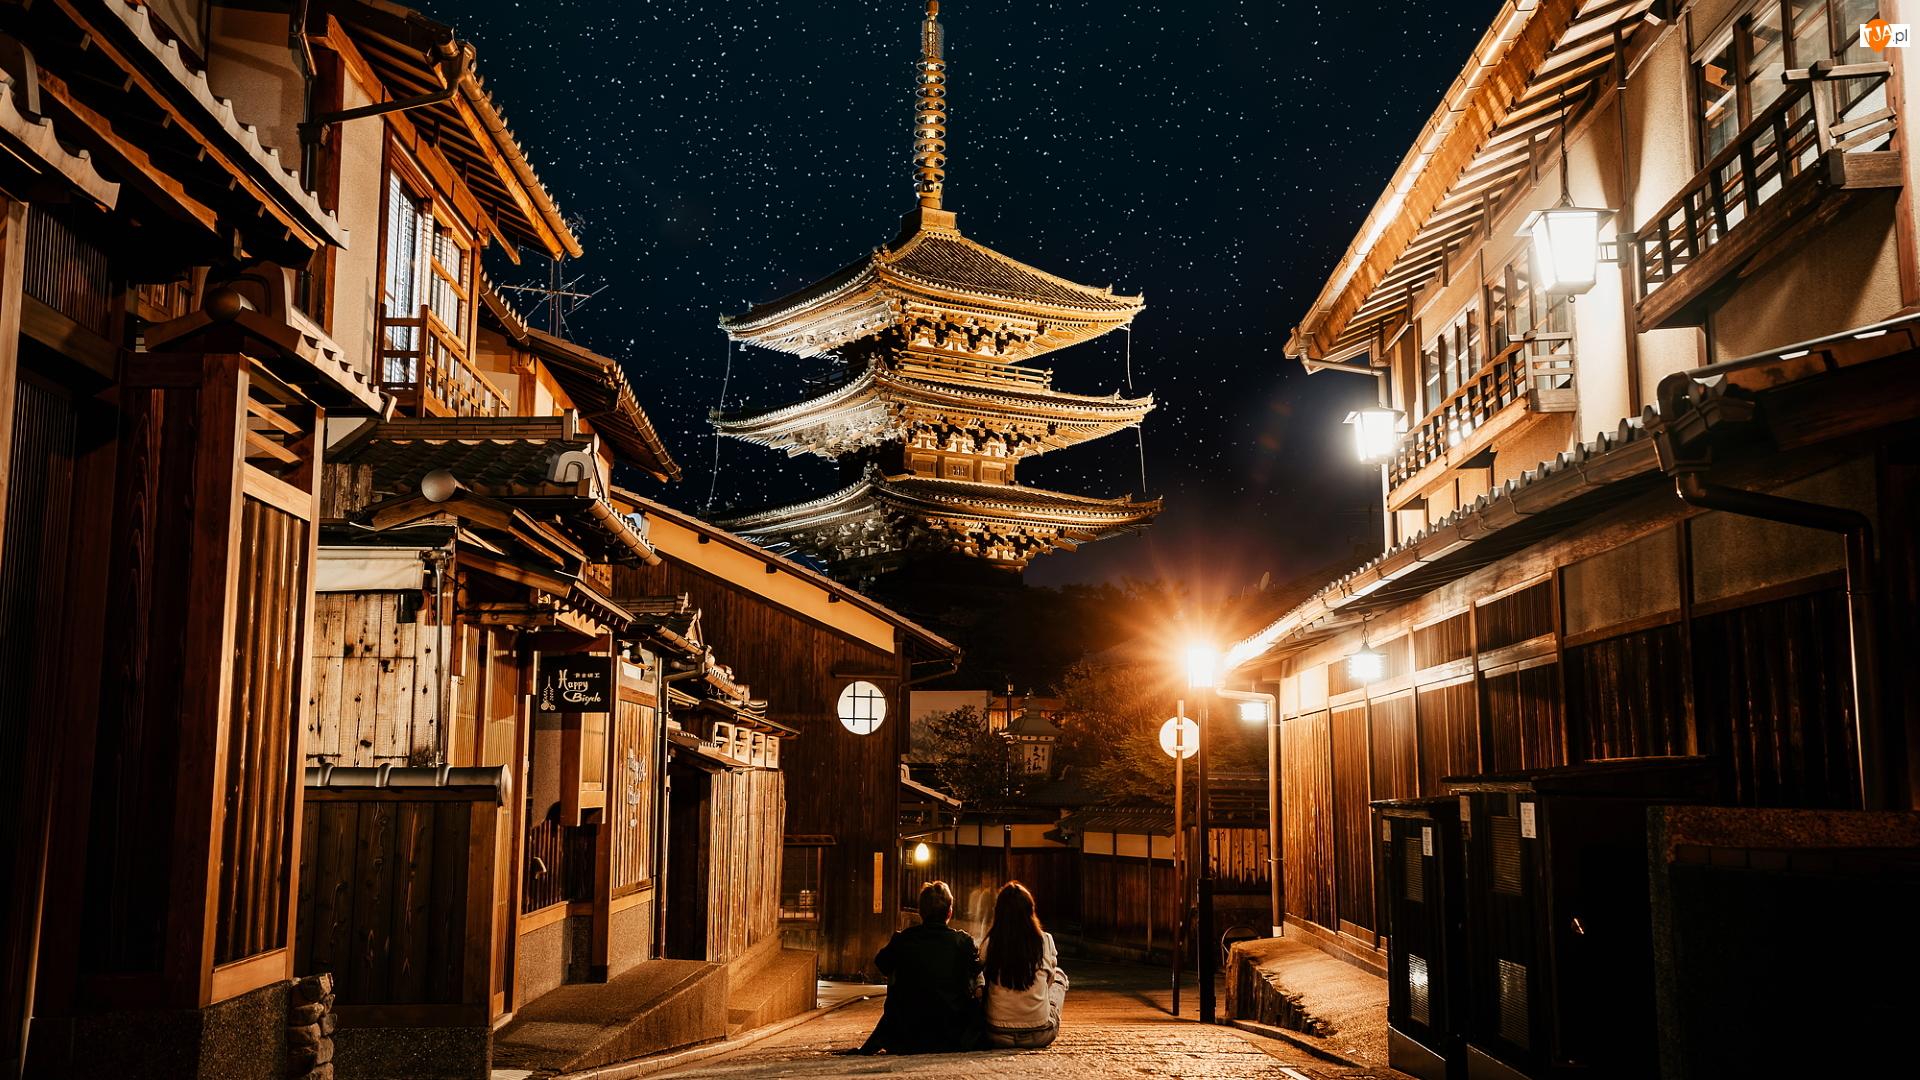 Świątynia, Ulica, Japonia, Domy, Tokio, Ludzie, Latarnie